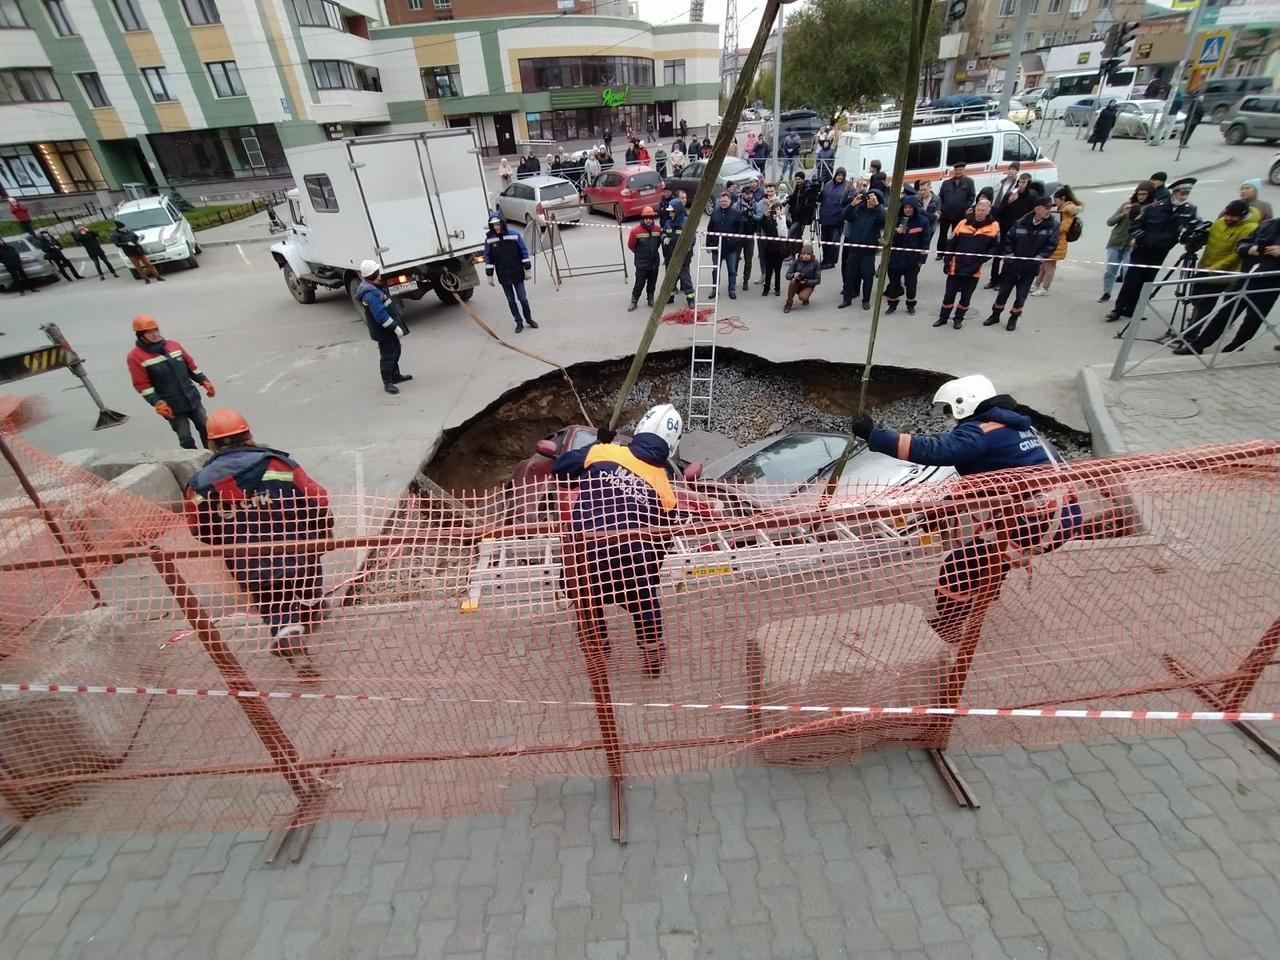 Фото Появились фото с места провала машин в яму с кипятком в Новосибирске 6